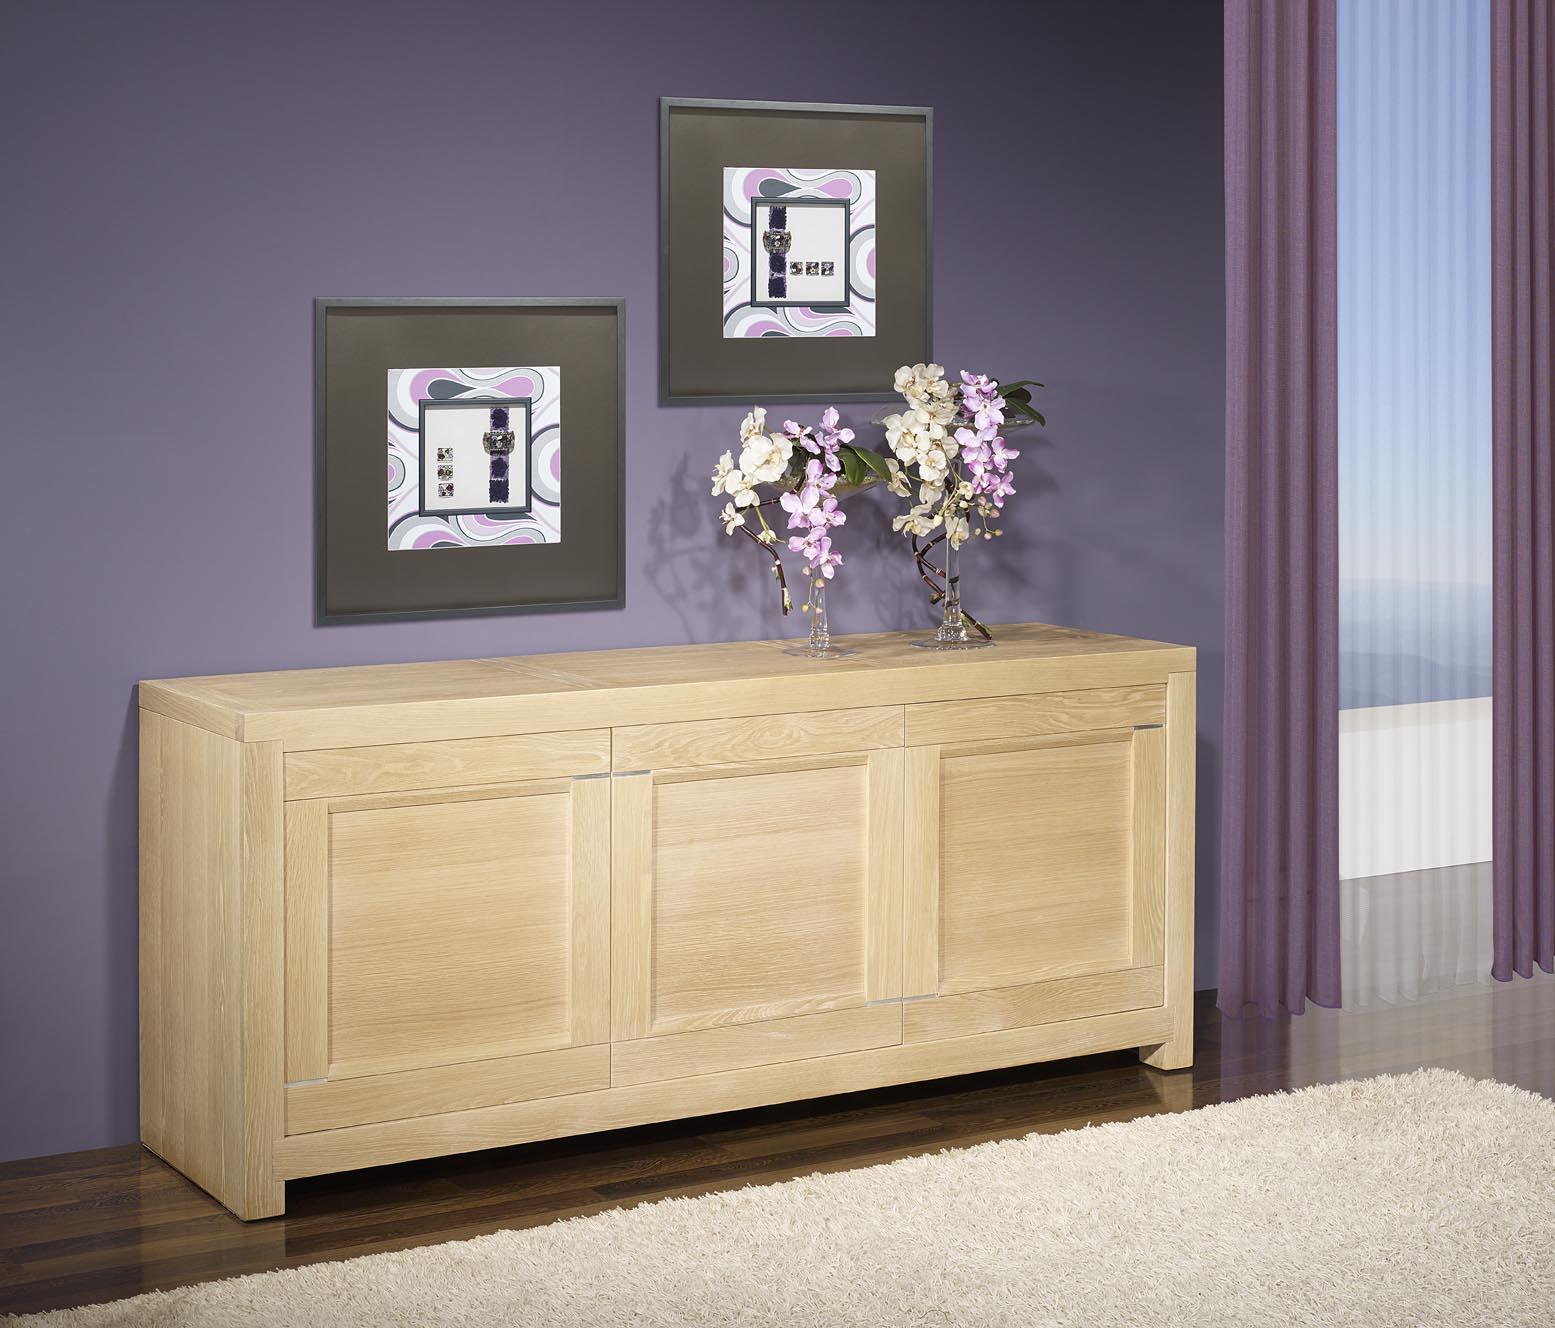 meuble en ch ne bahut 3 portes loann r alis en ch ne massif de ligne contemporaine finition. Black Bedroom Furniture Sets. Home Design Ideas